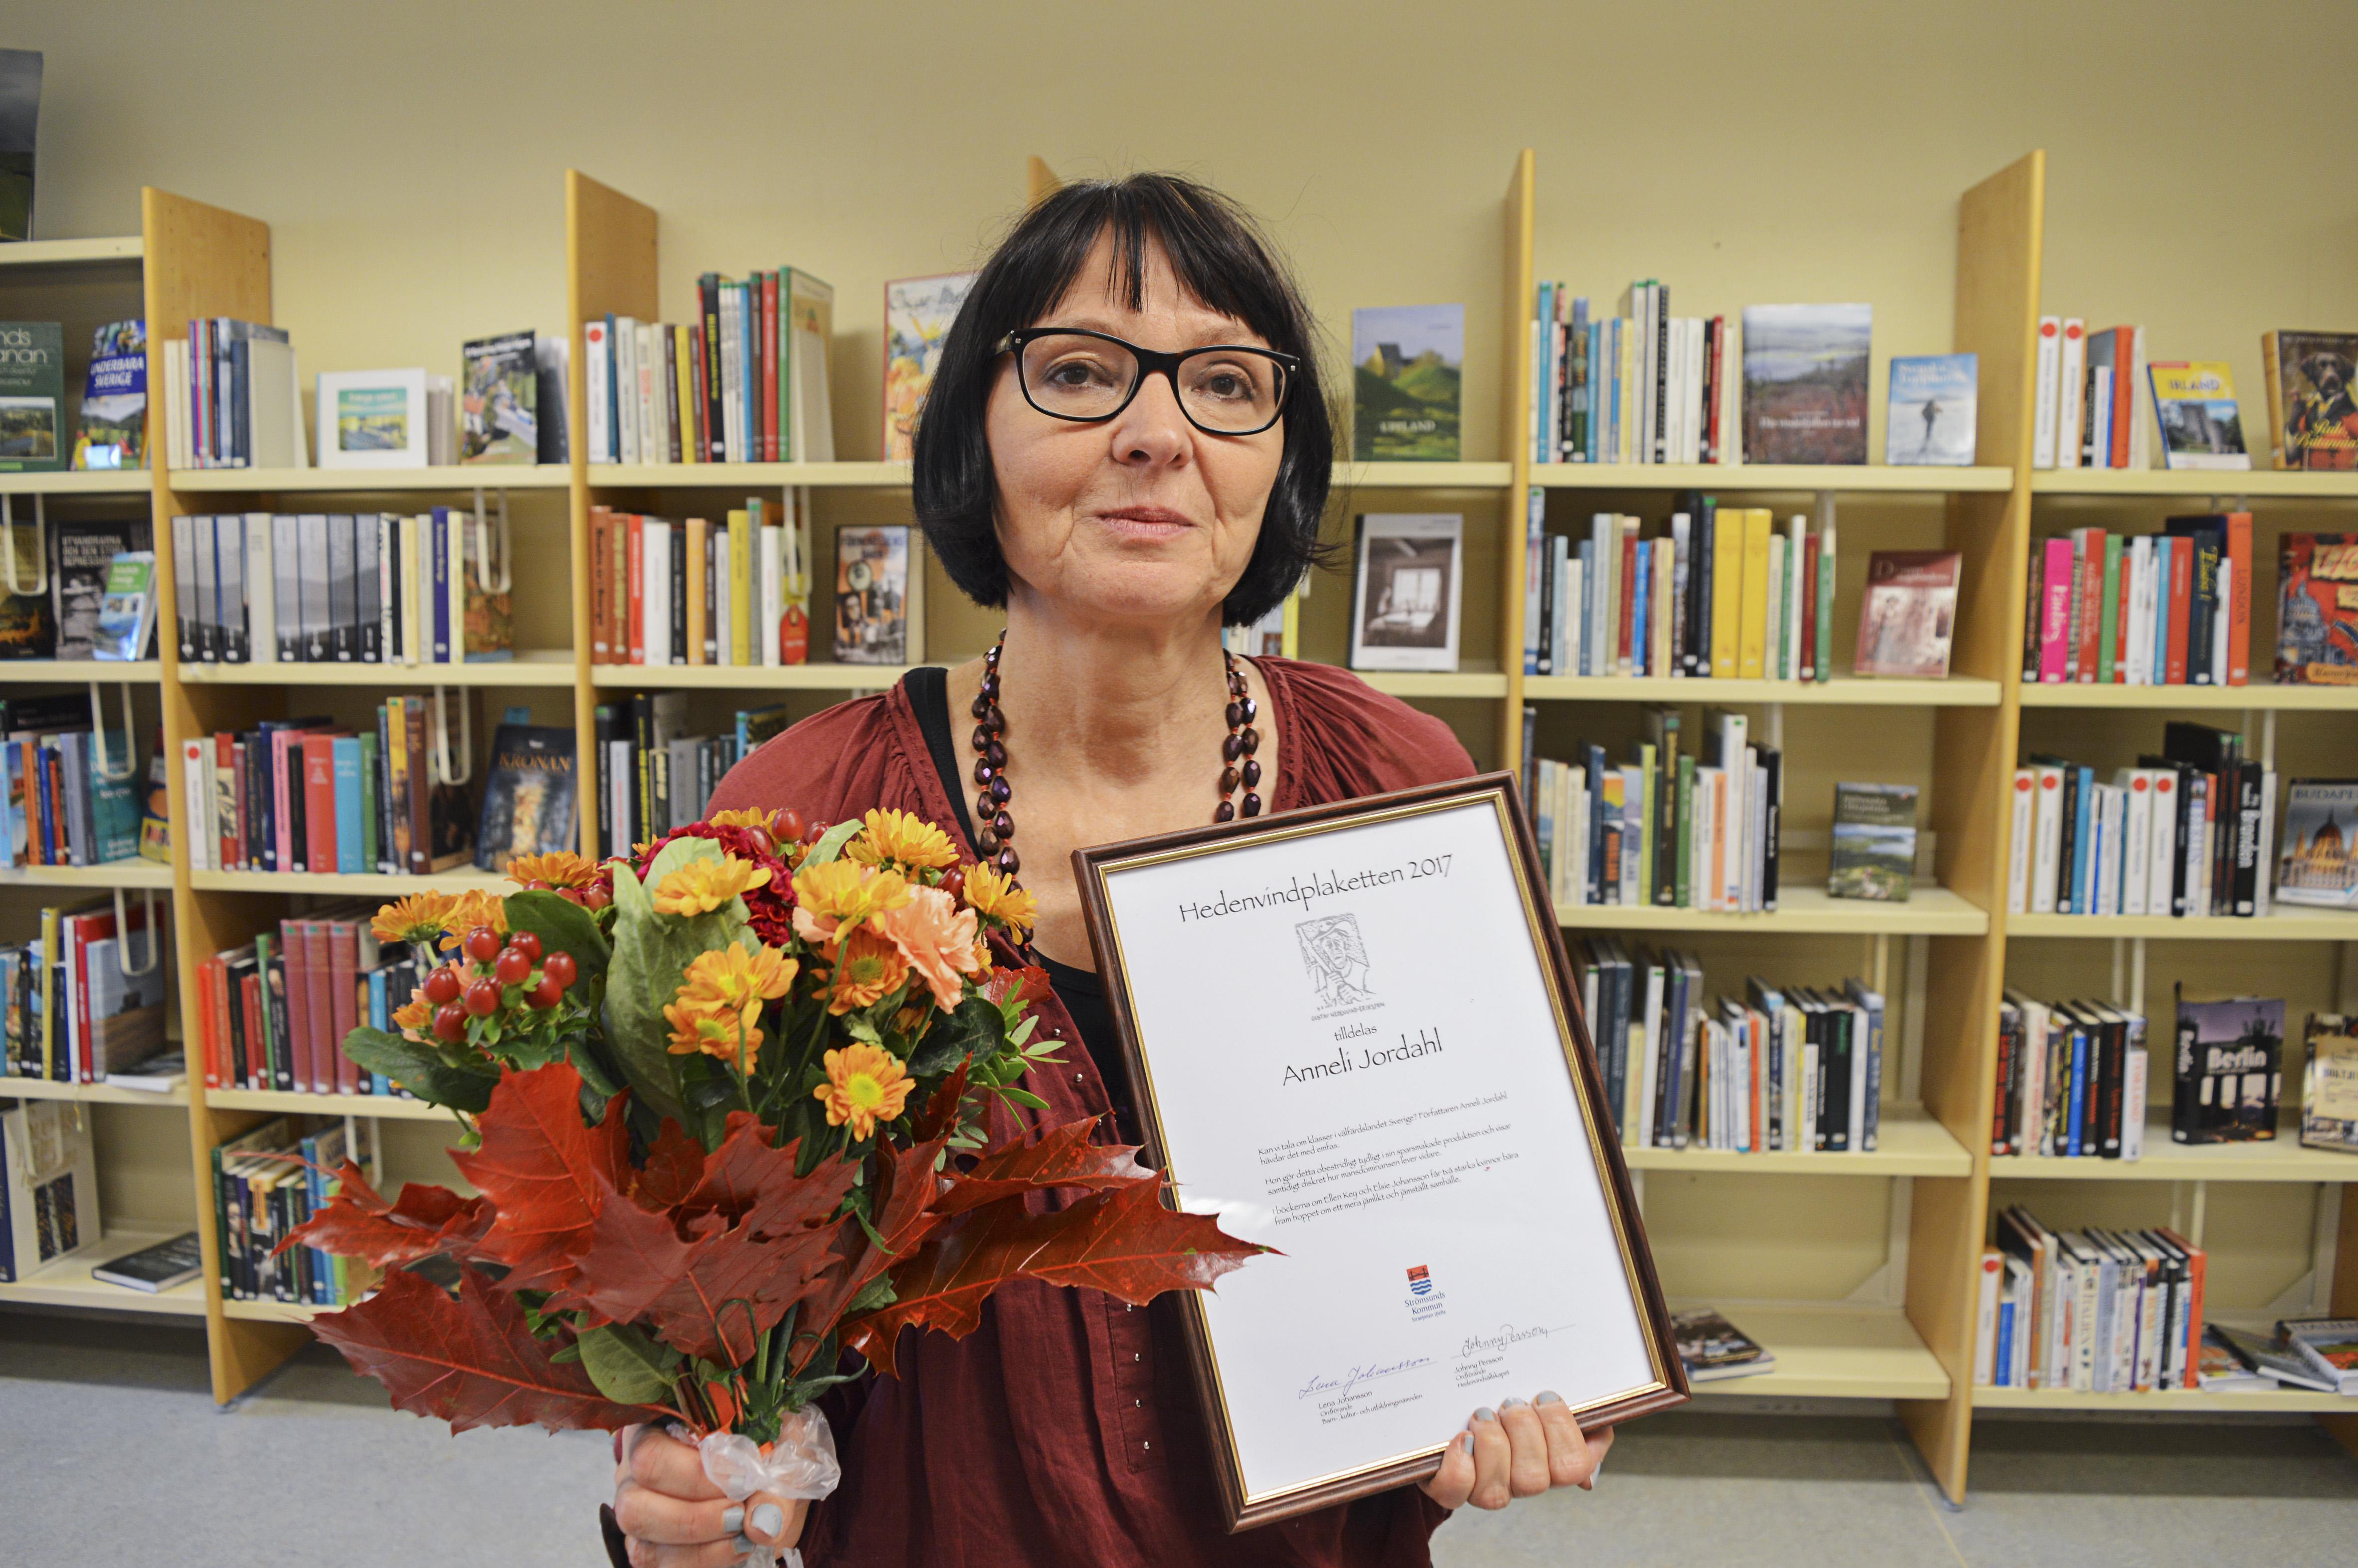 Anneli Jordahl fick 2 september ta emot 2017 års Hedenvindplakett för sitt författarskap. Foto: Marie Haglund.